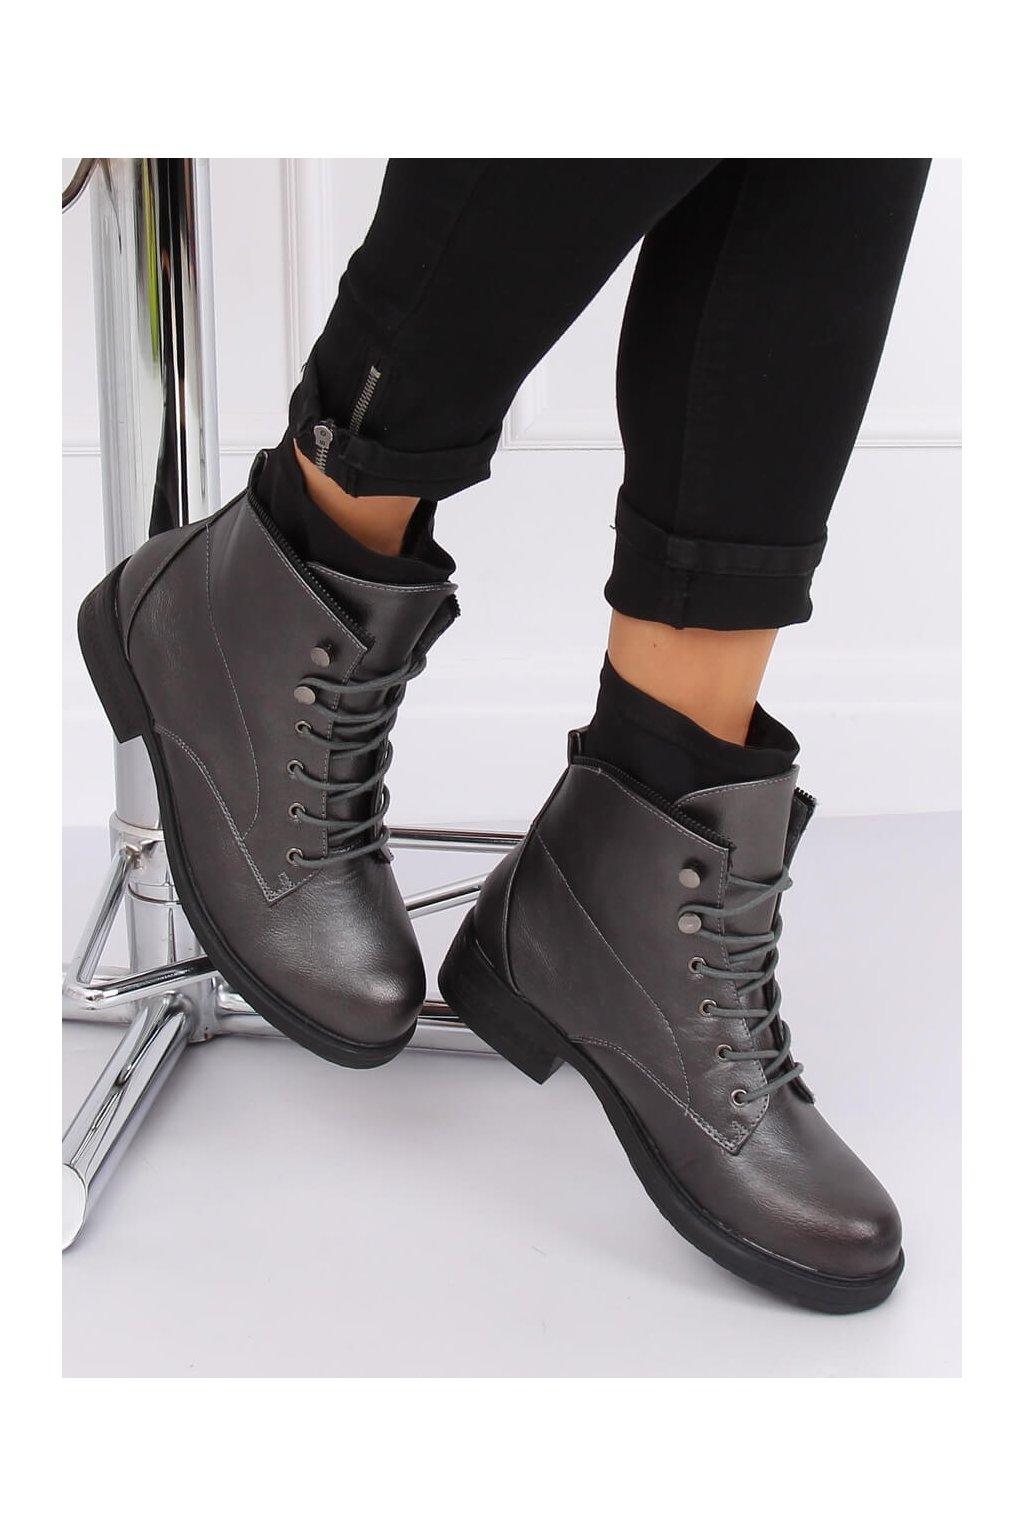 Dámske členkové topánky sivé na plochom podpätku 100-901B0-1